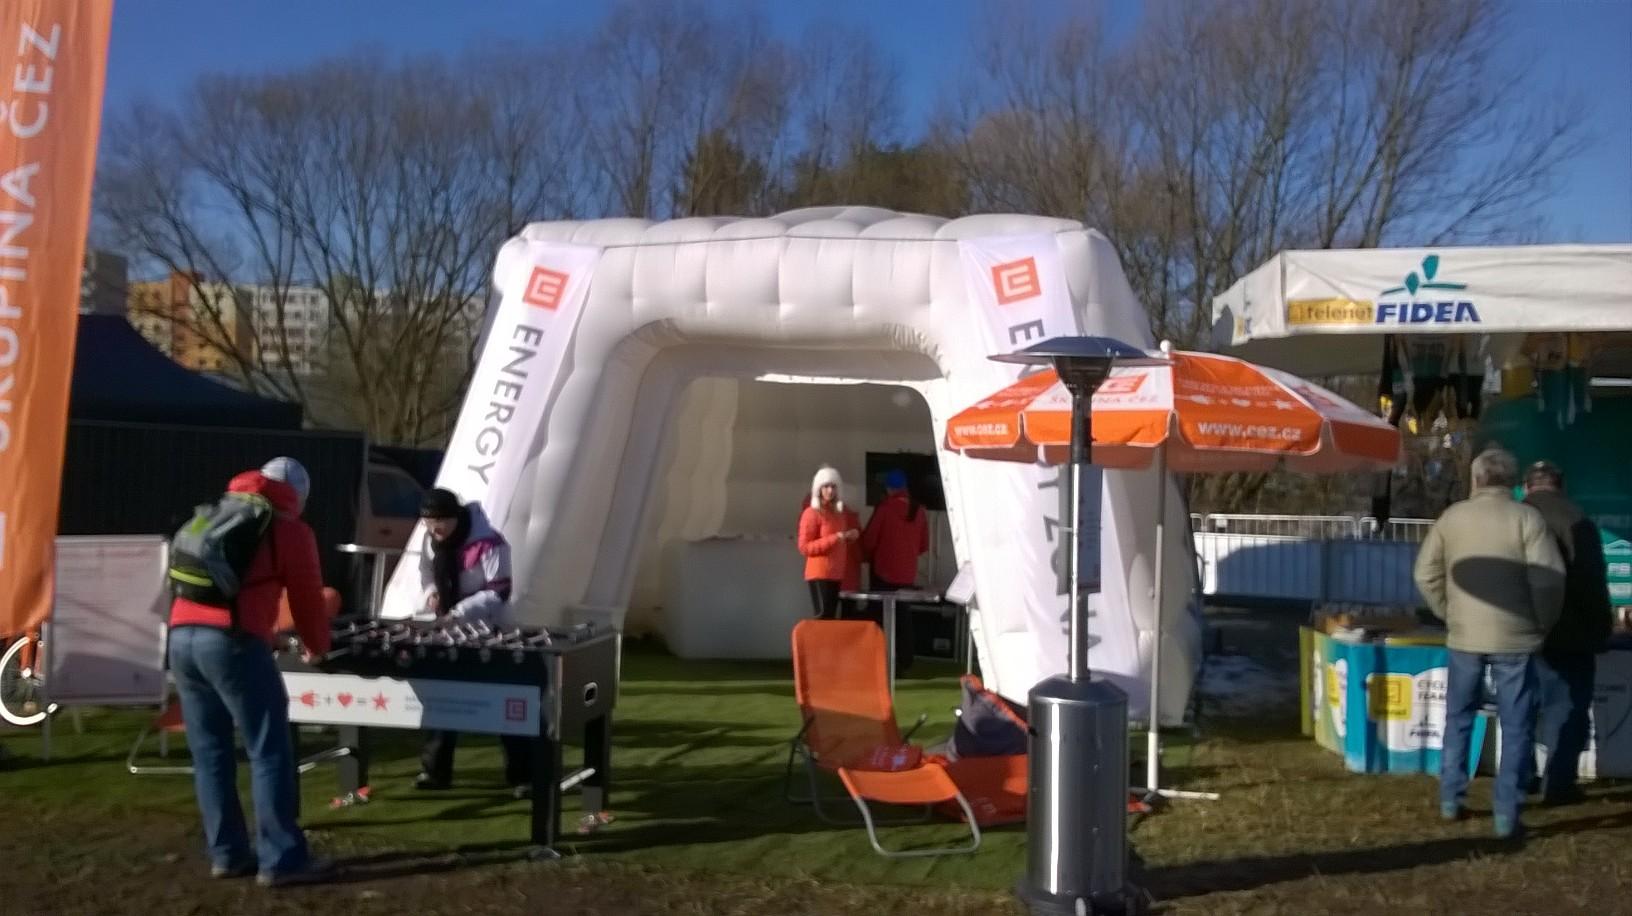 Itt is egy praktikus felfújható sátor